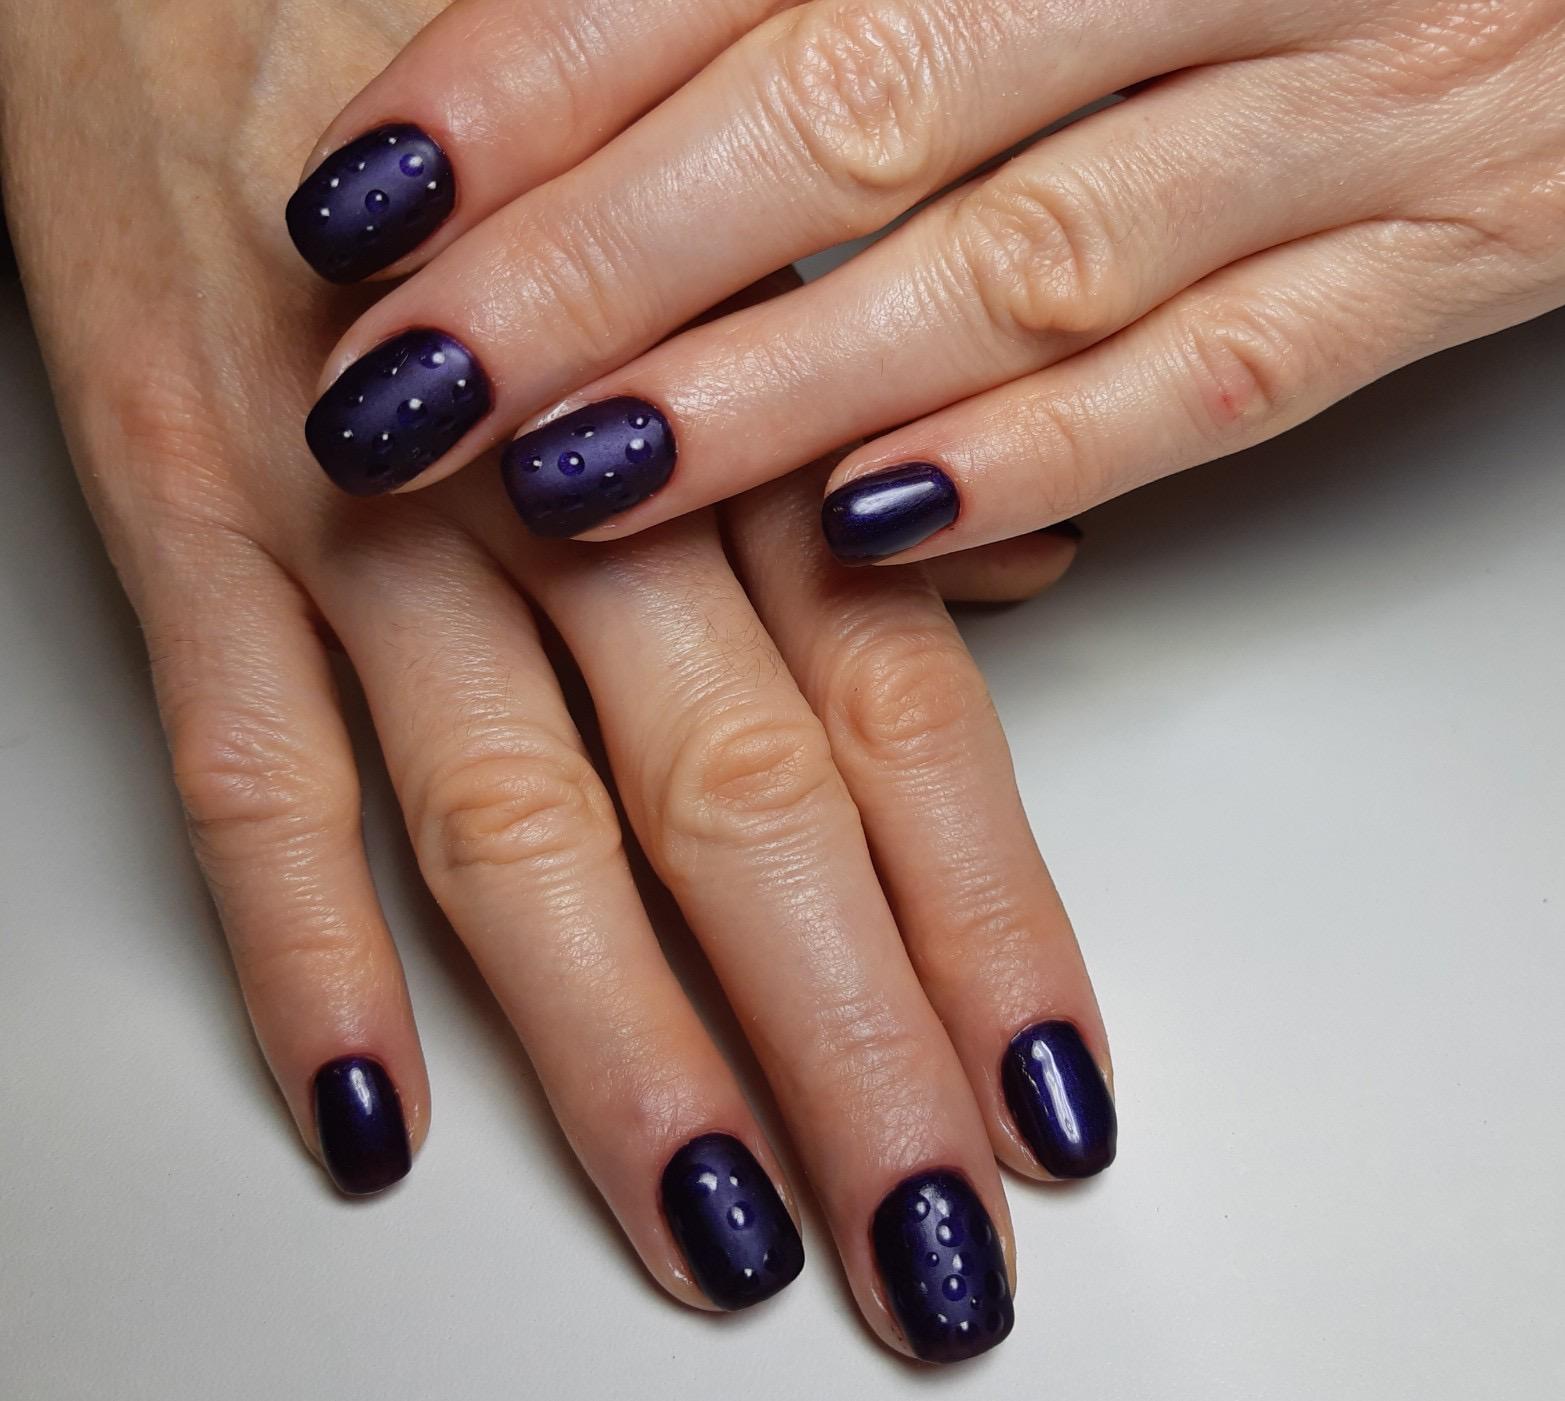 Матовый маникюр с капельками в темно-синем цвете на короткие ногти.